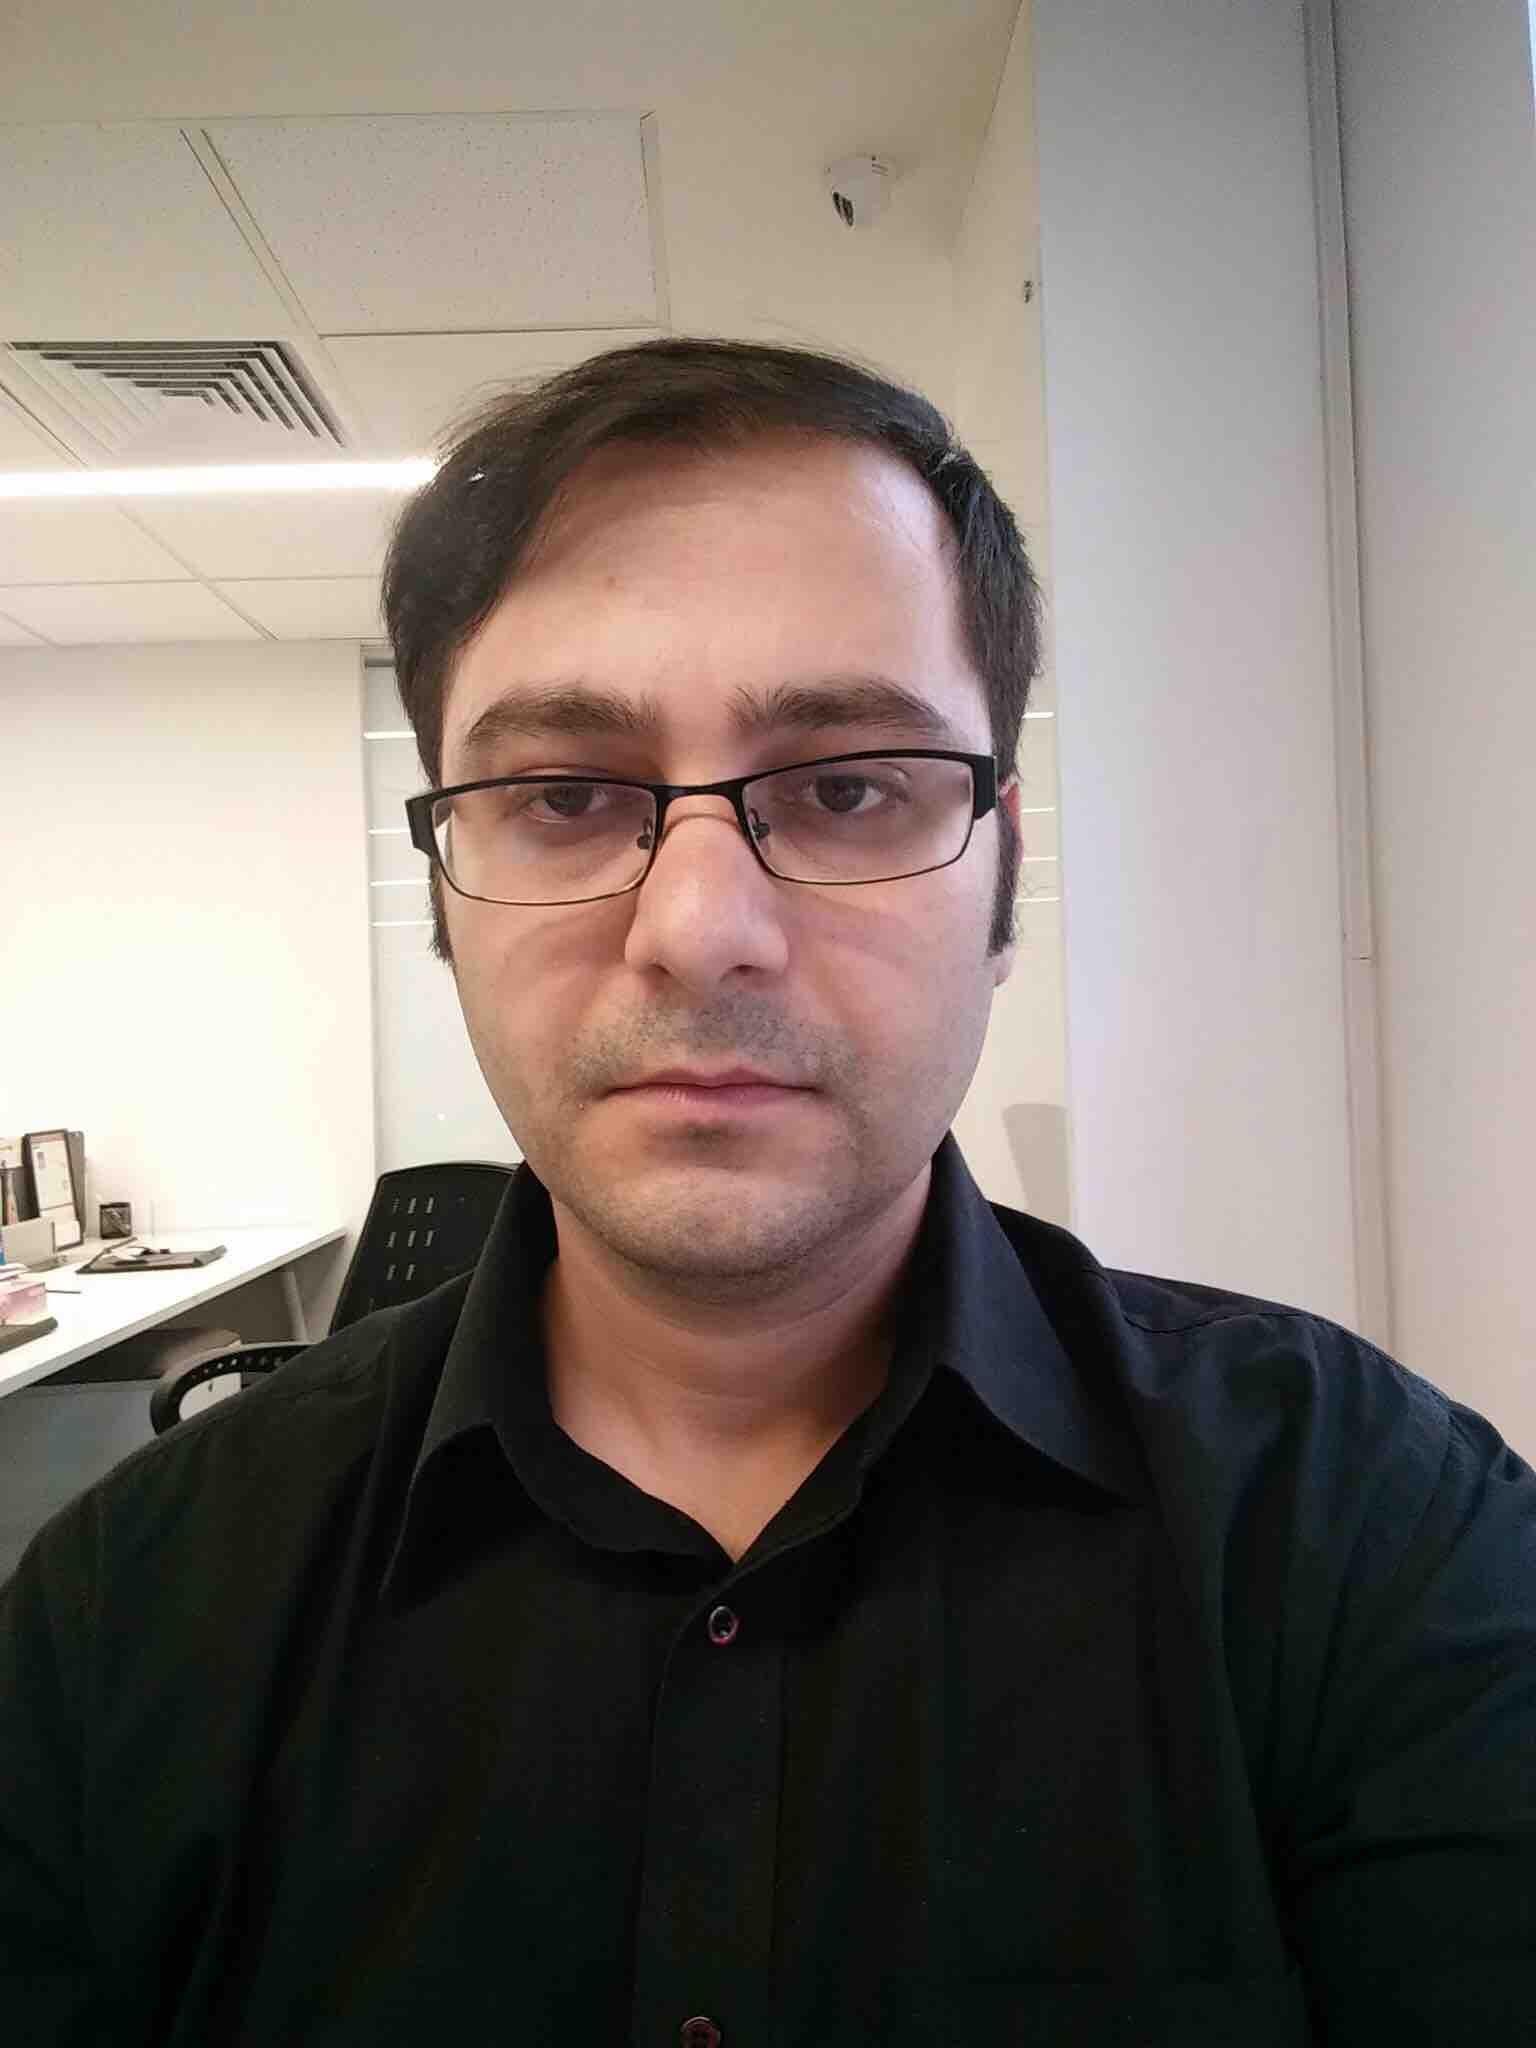 Alekh Agarwal